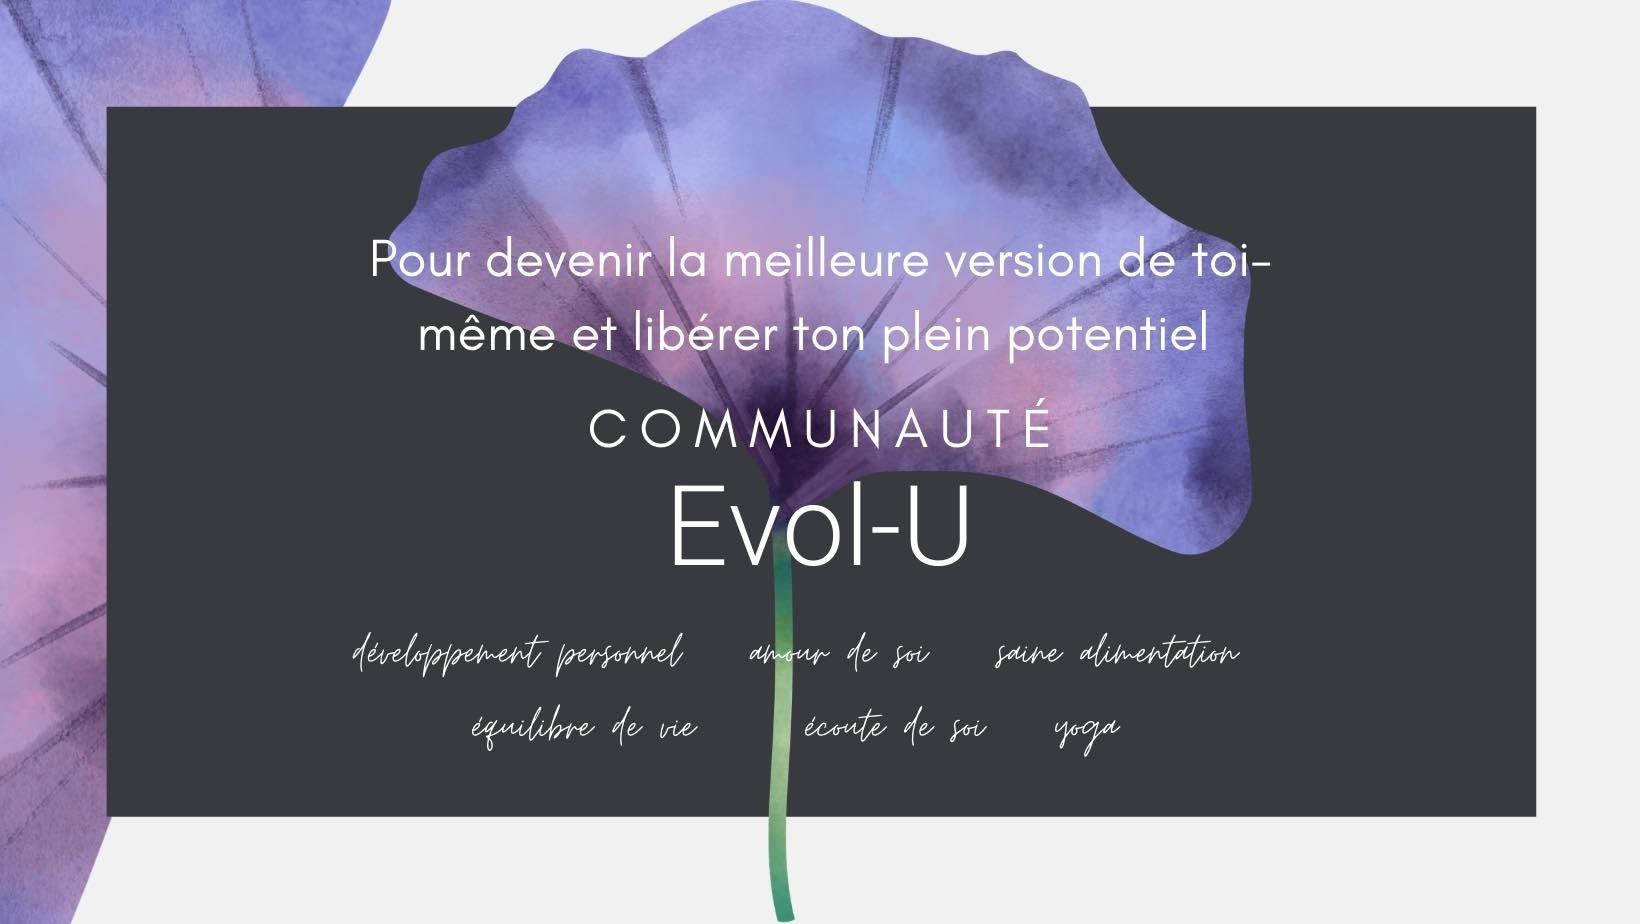 Communauté Evol-U